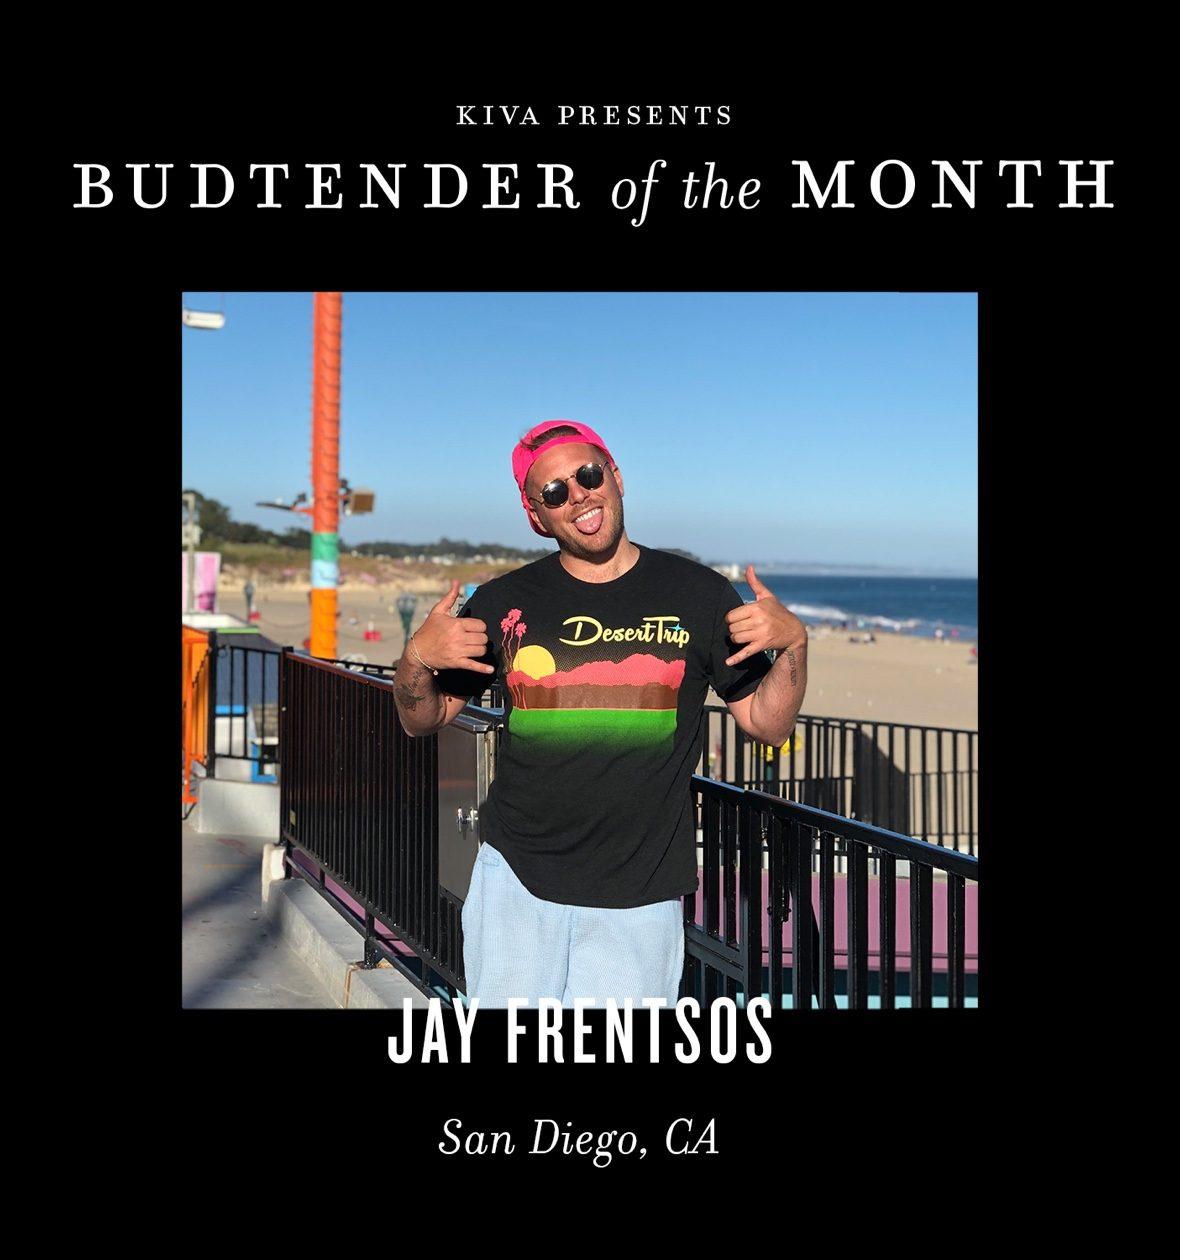 20191105 Blog Jay Frentsos 1180x1300